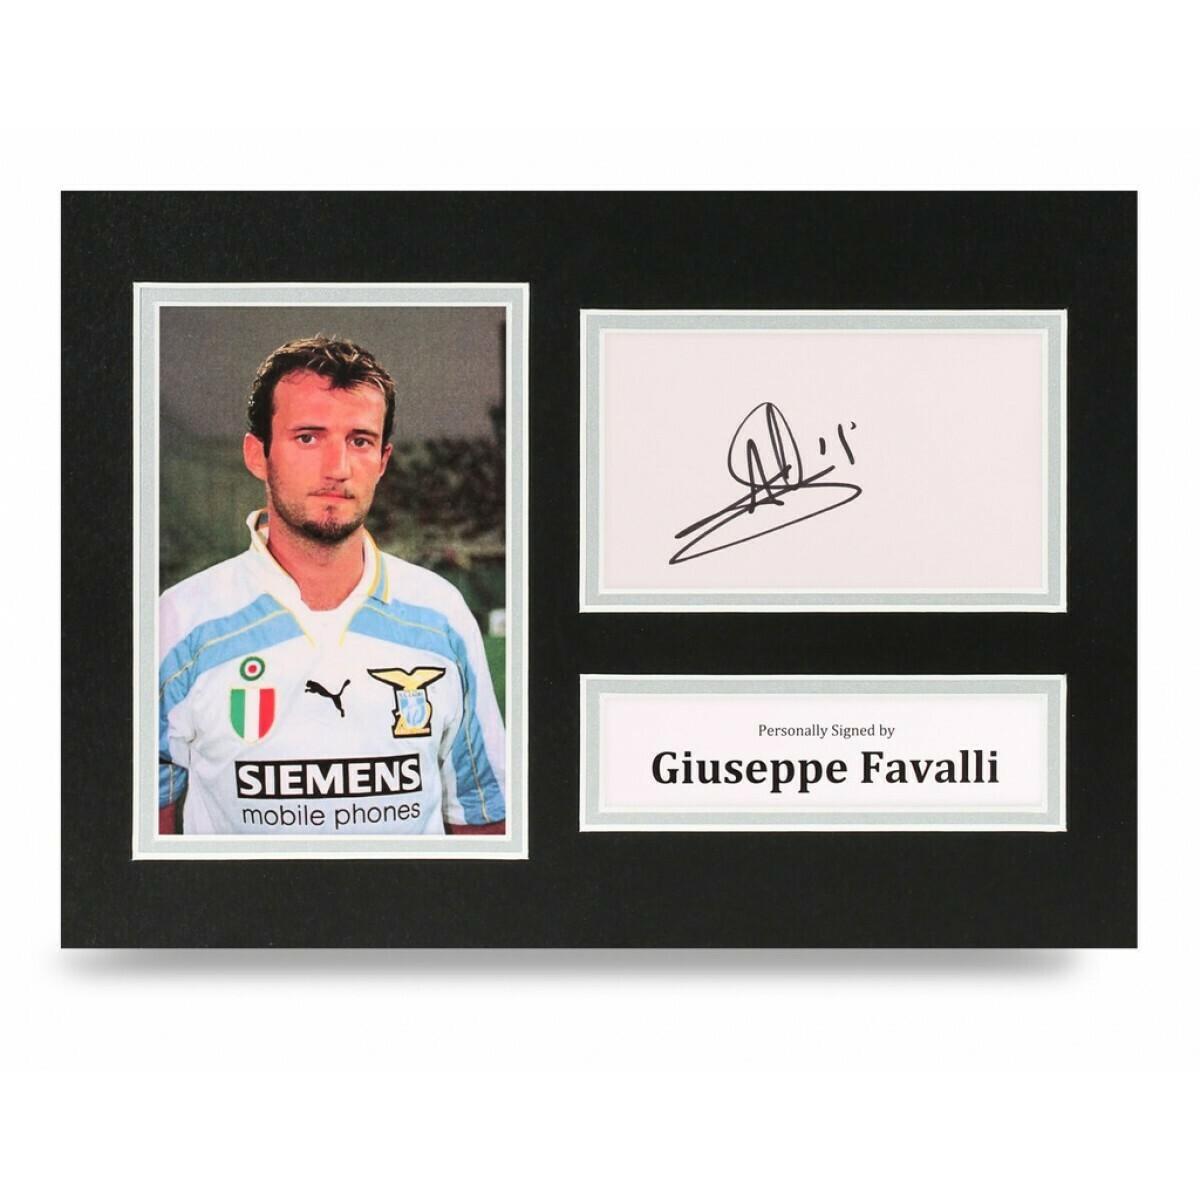 GIUSEPPE FAVALLI  DISPLAY  AUTOGRAFATA SIGNED AUTOGRAPH SIGNED GIUSEPPE FAVALLI PHOTO SIGNED LAZIO Formato A4